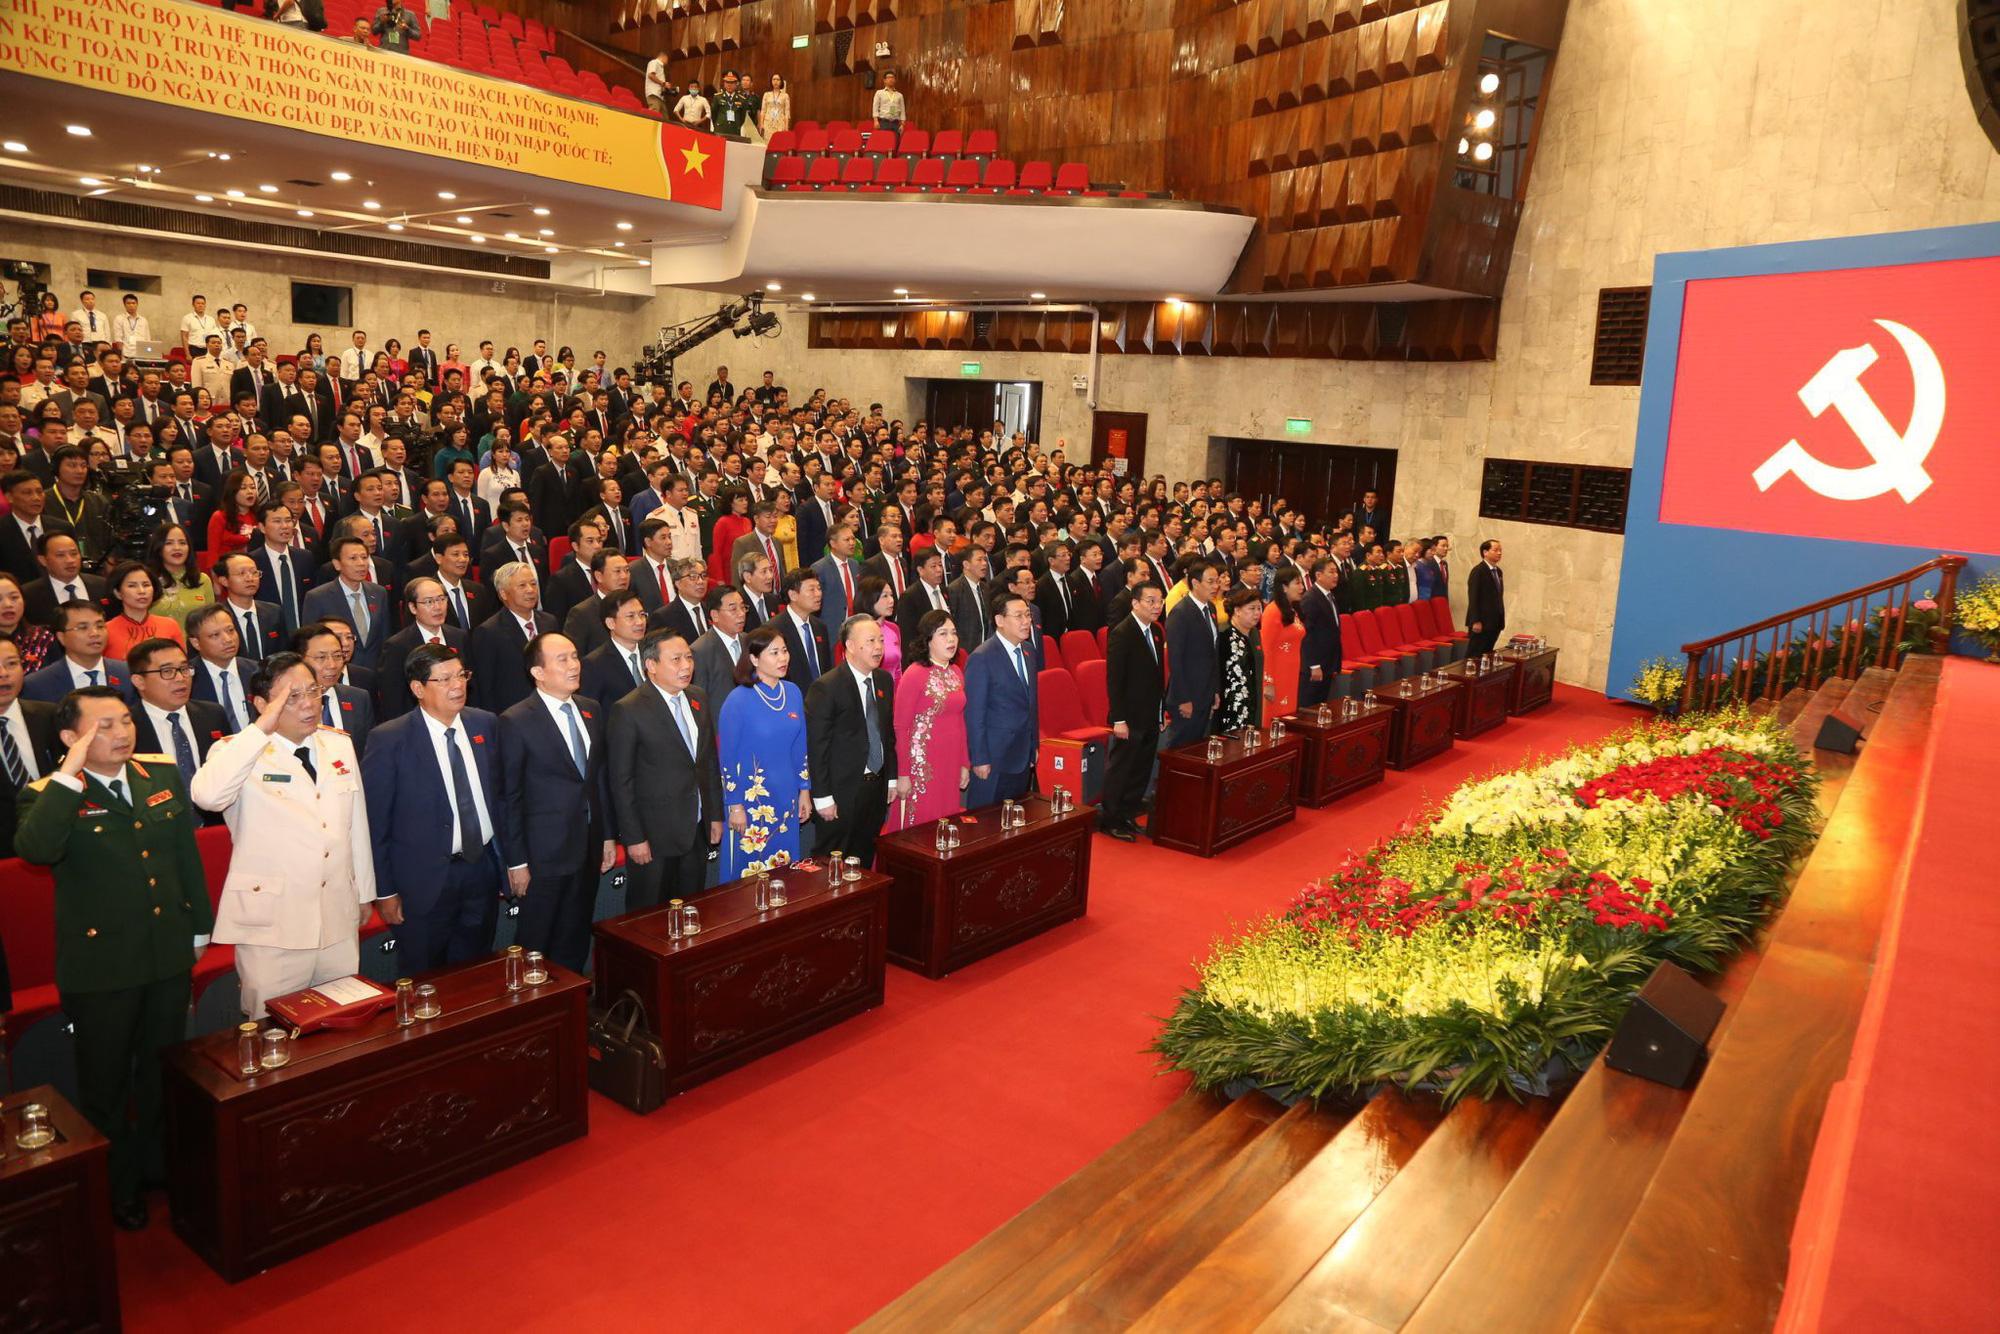 Tổng Bí thư, Chủ tịch Nước Nguyễn Phú Trọng sẽ dự và phát biểu chỉ đạo tại Đại hội Đảng bộ Hà Nội - Ảnh 3.